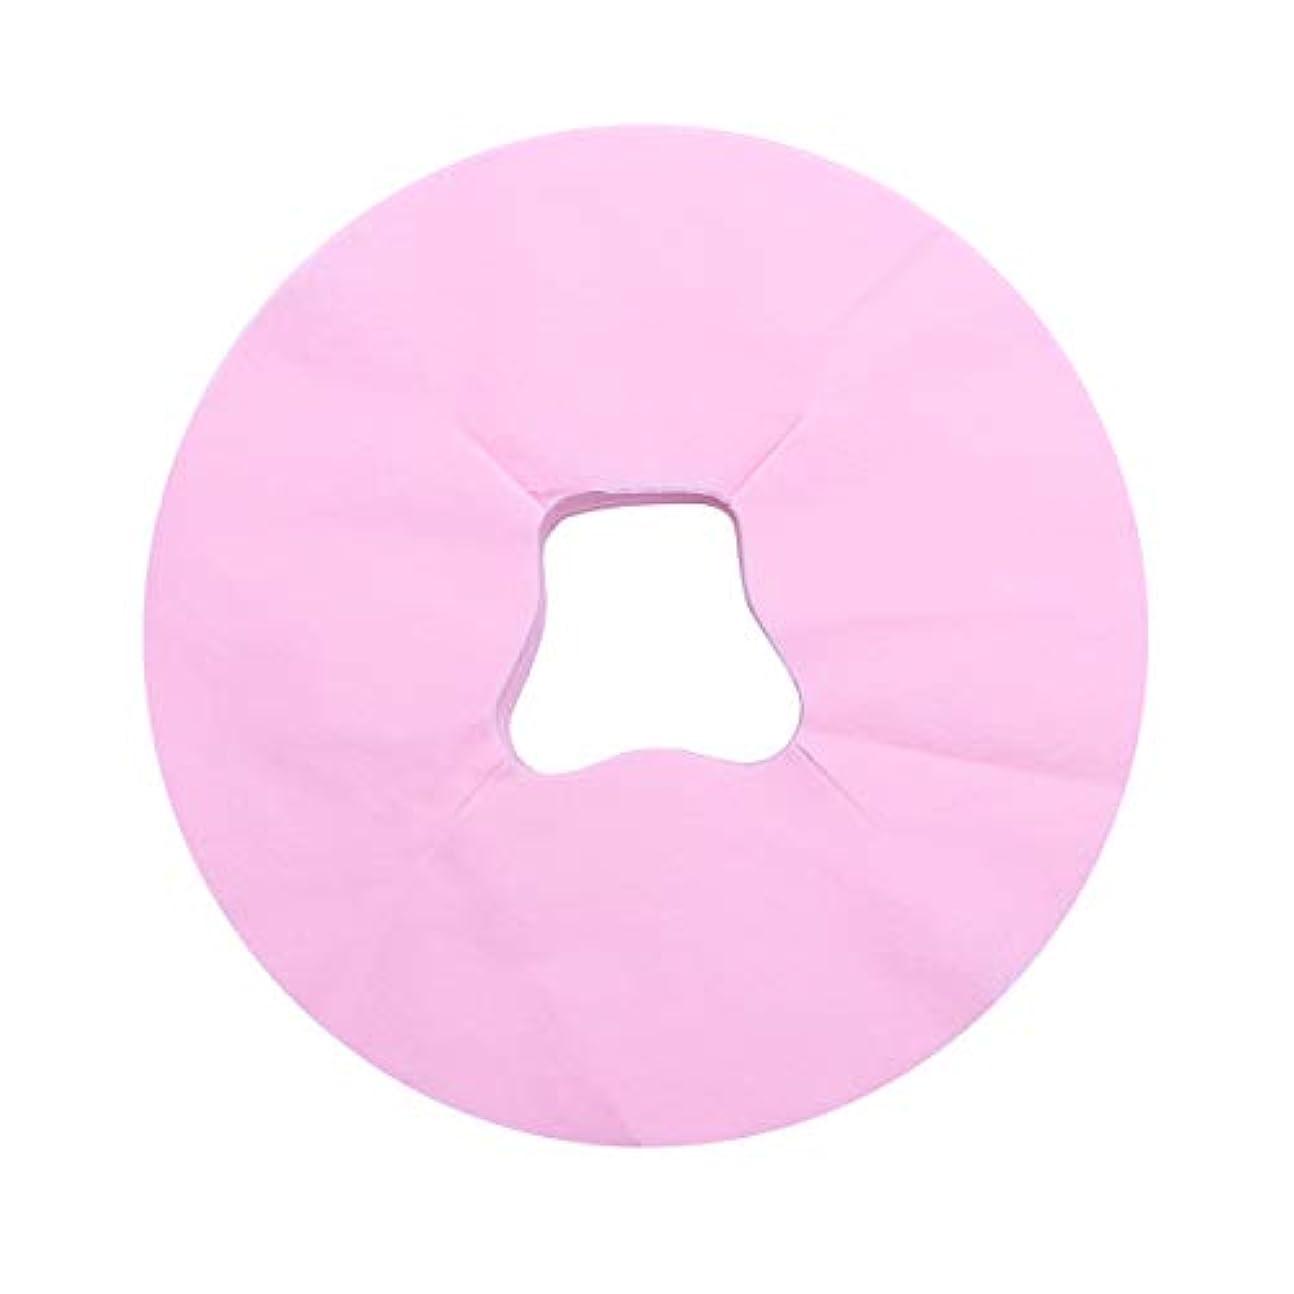 対処する規範リフトHealifty 100ピース使い捨てフェイスマッサージカバーパッドフェイスホールピロークッションマットサロンスパフェイシャルベッドヘッドレスト枕シート(ピンク)